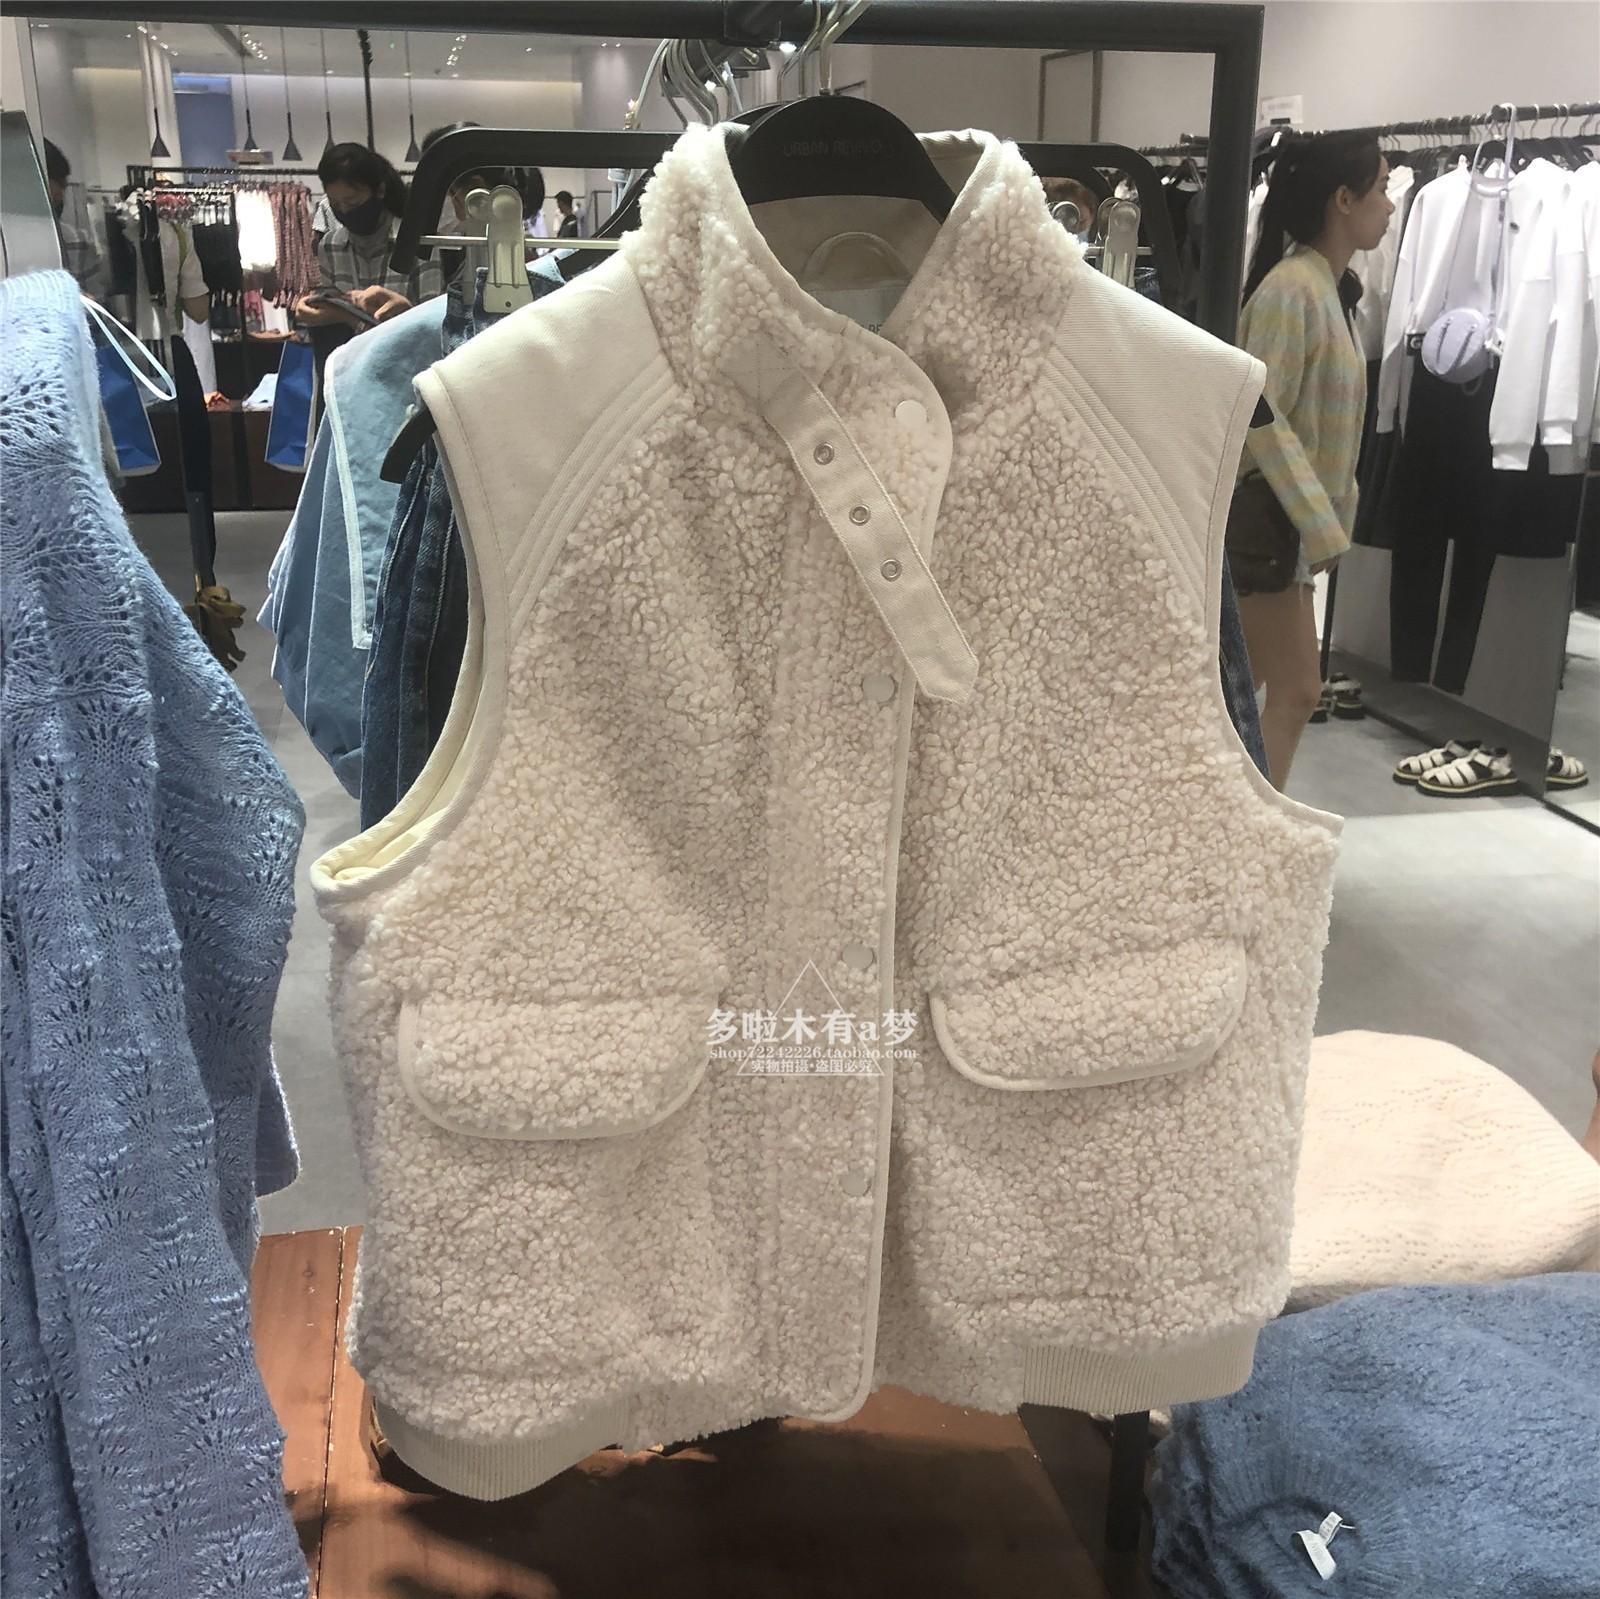 UR ZARACOS冬季新品女装潮流无袖羊羔绒背心马甲外套YL36S1AN2000